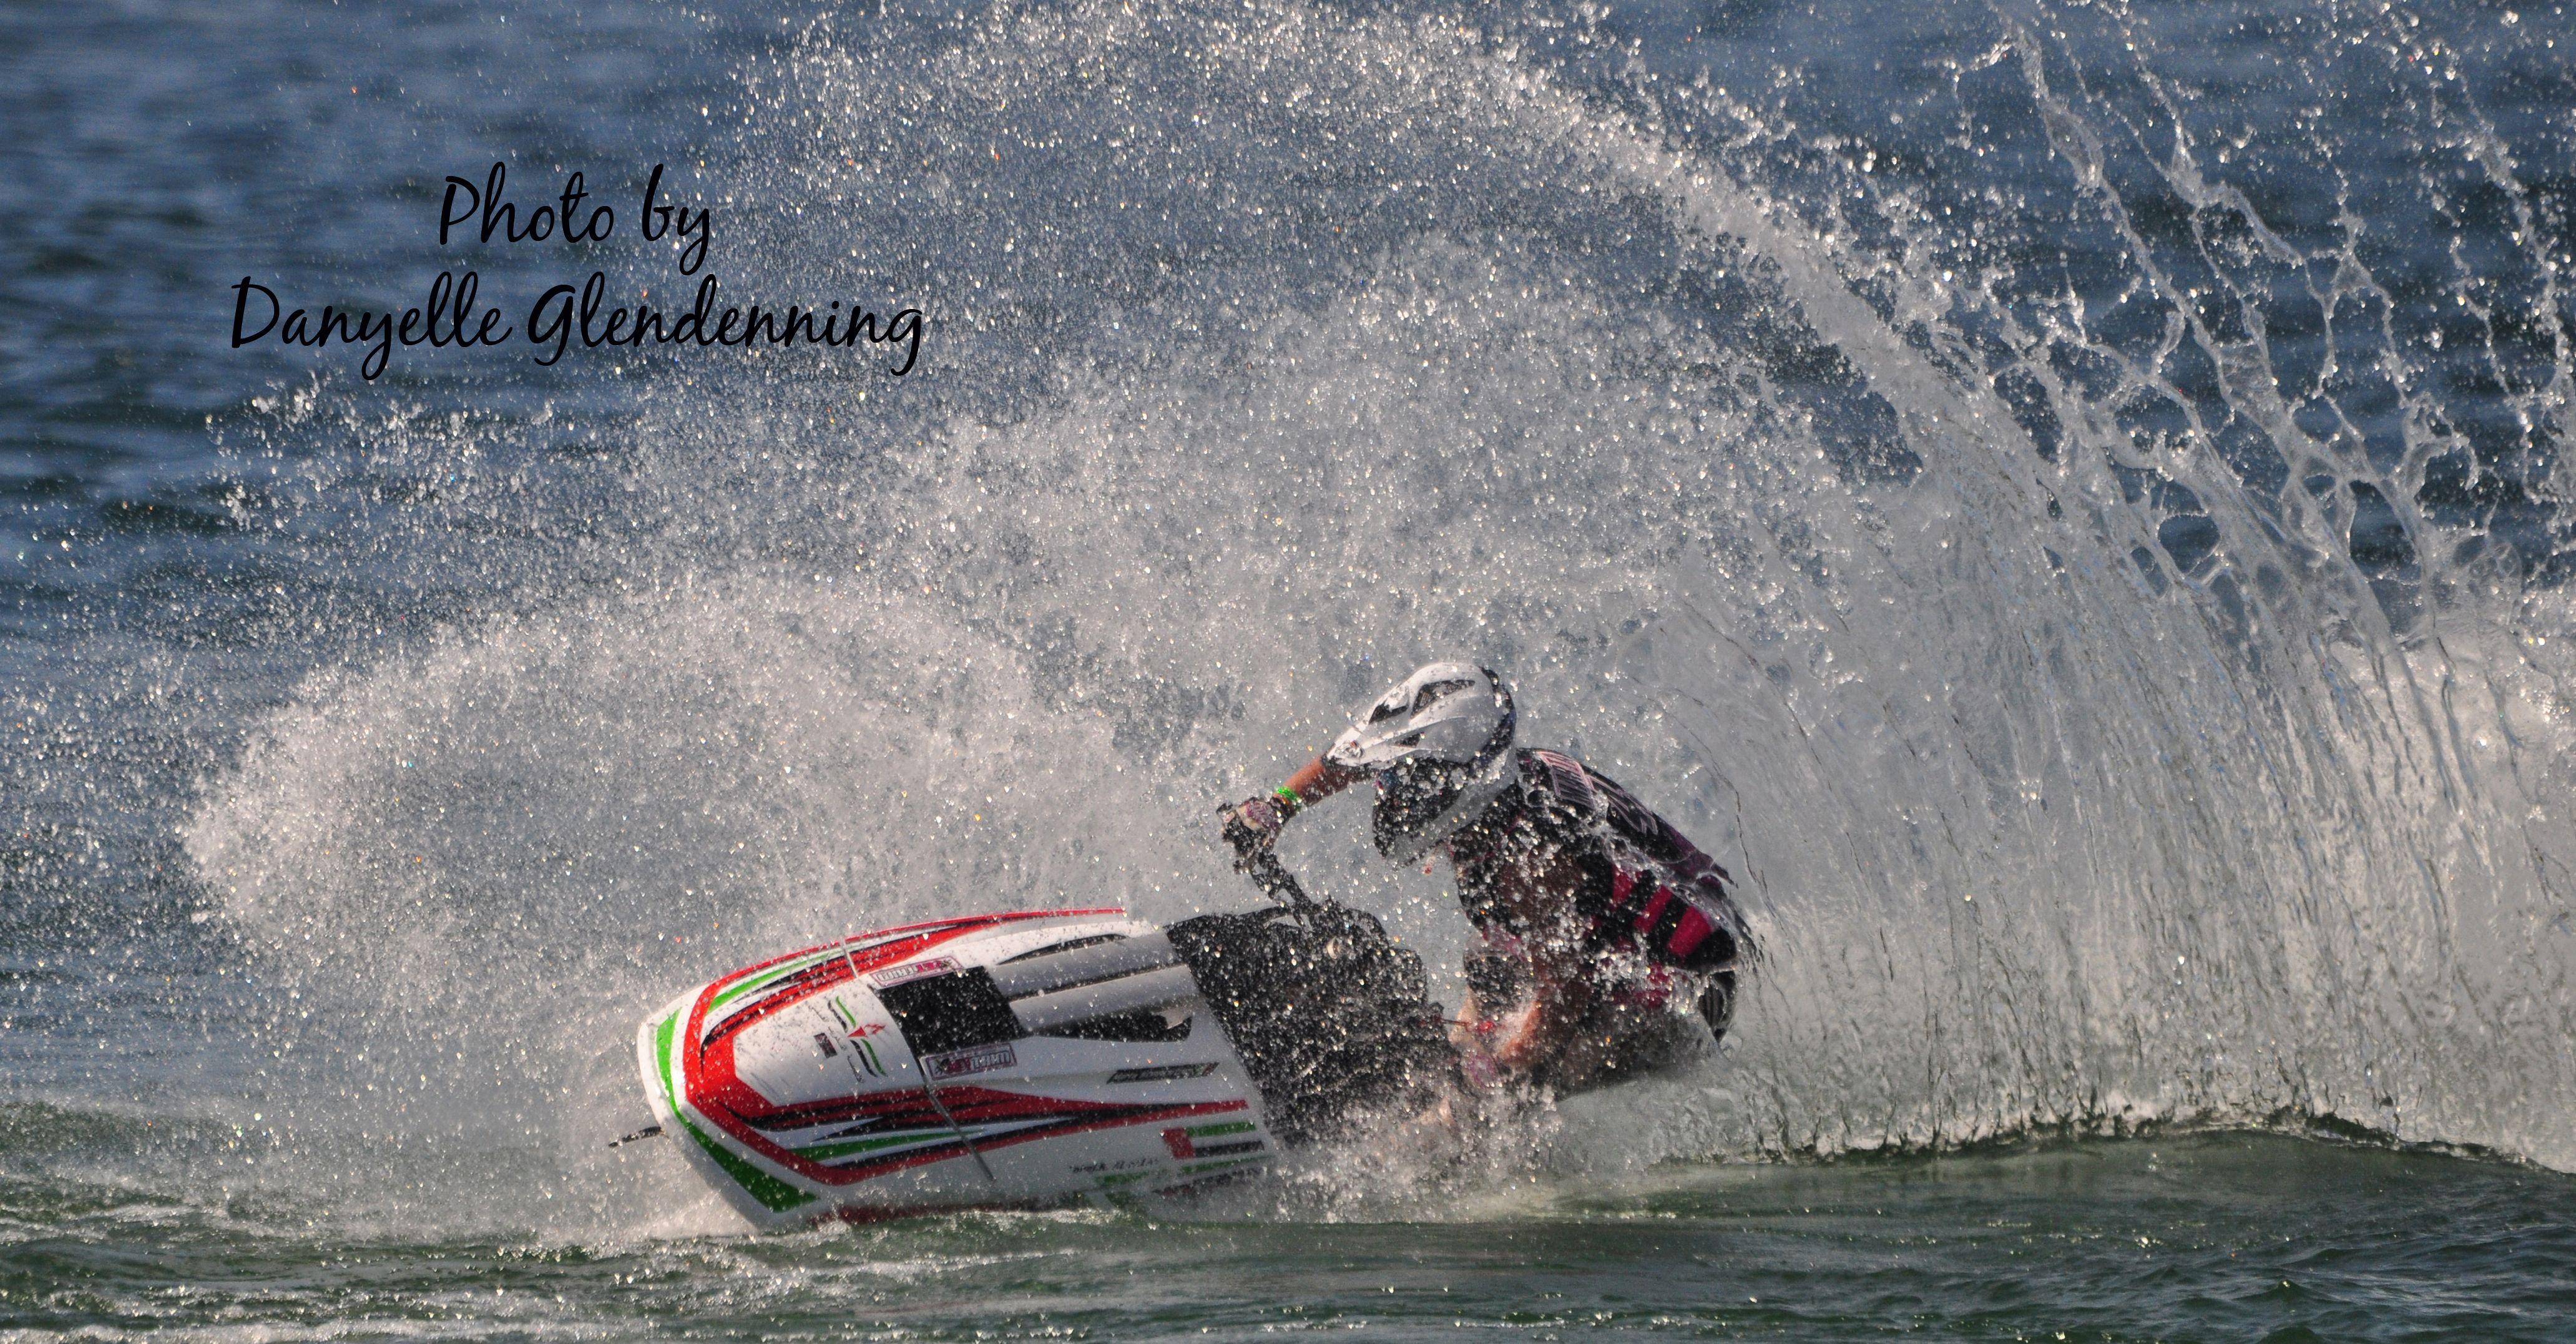 Jetski World Finals 2012, Lake Havasu AZ Lake havasu